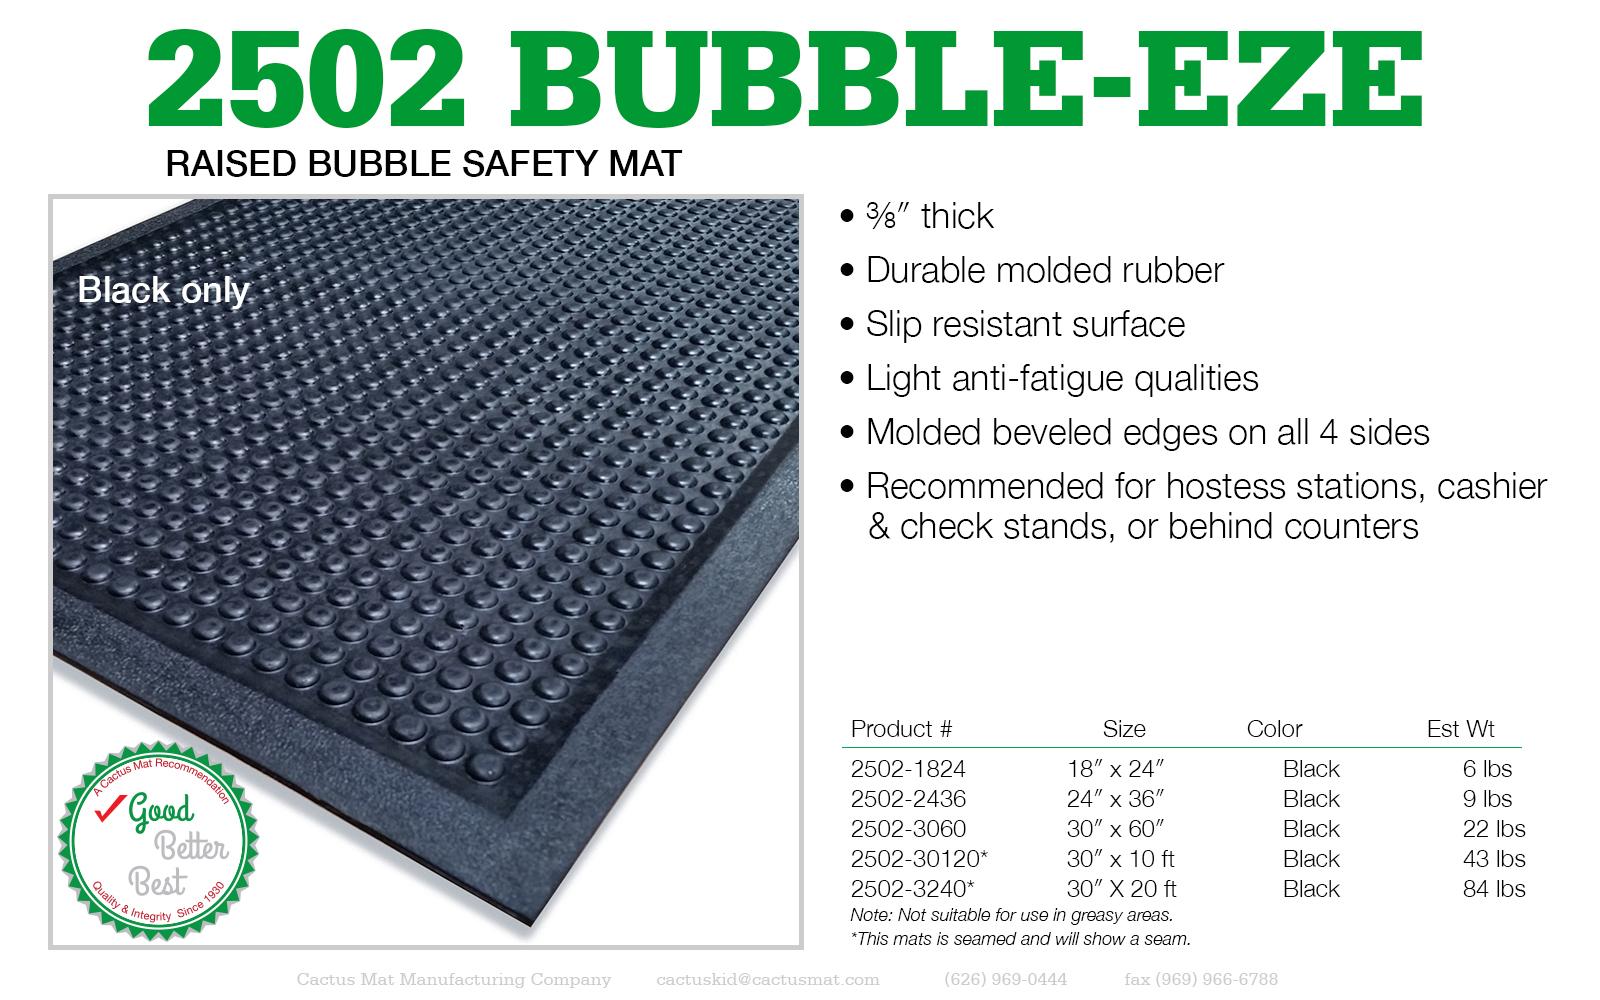 2502_Bubble-Eze_1600x1000.jpg